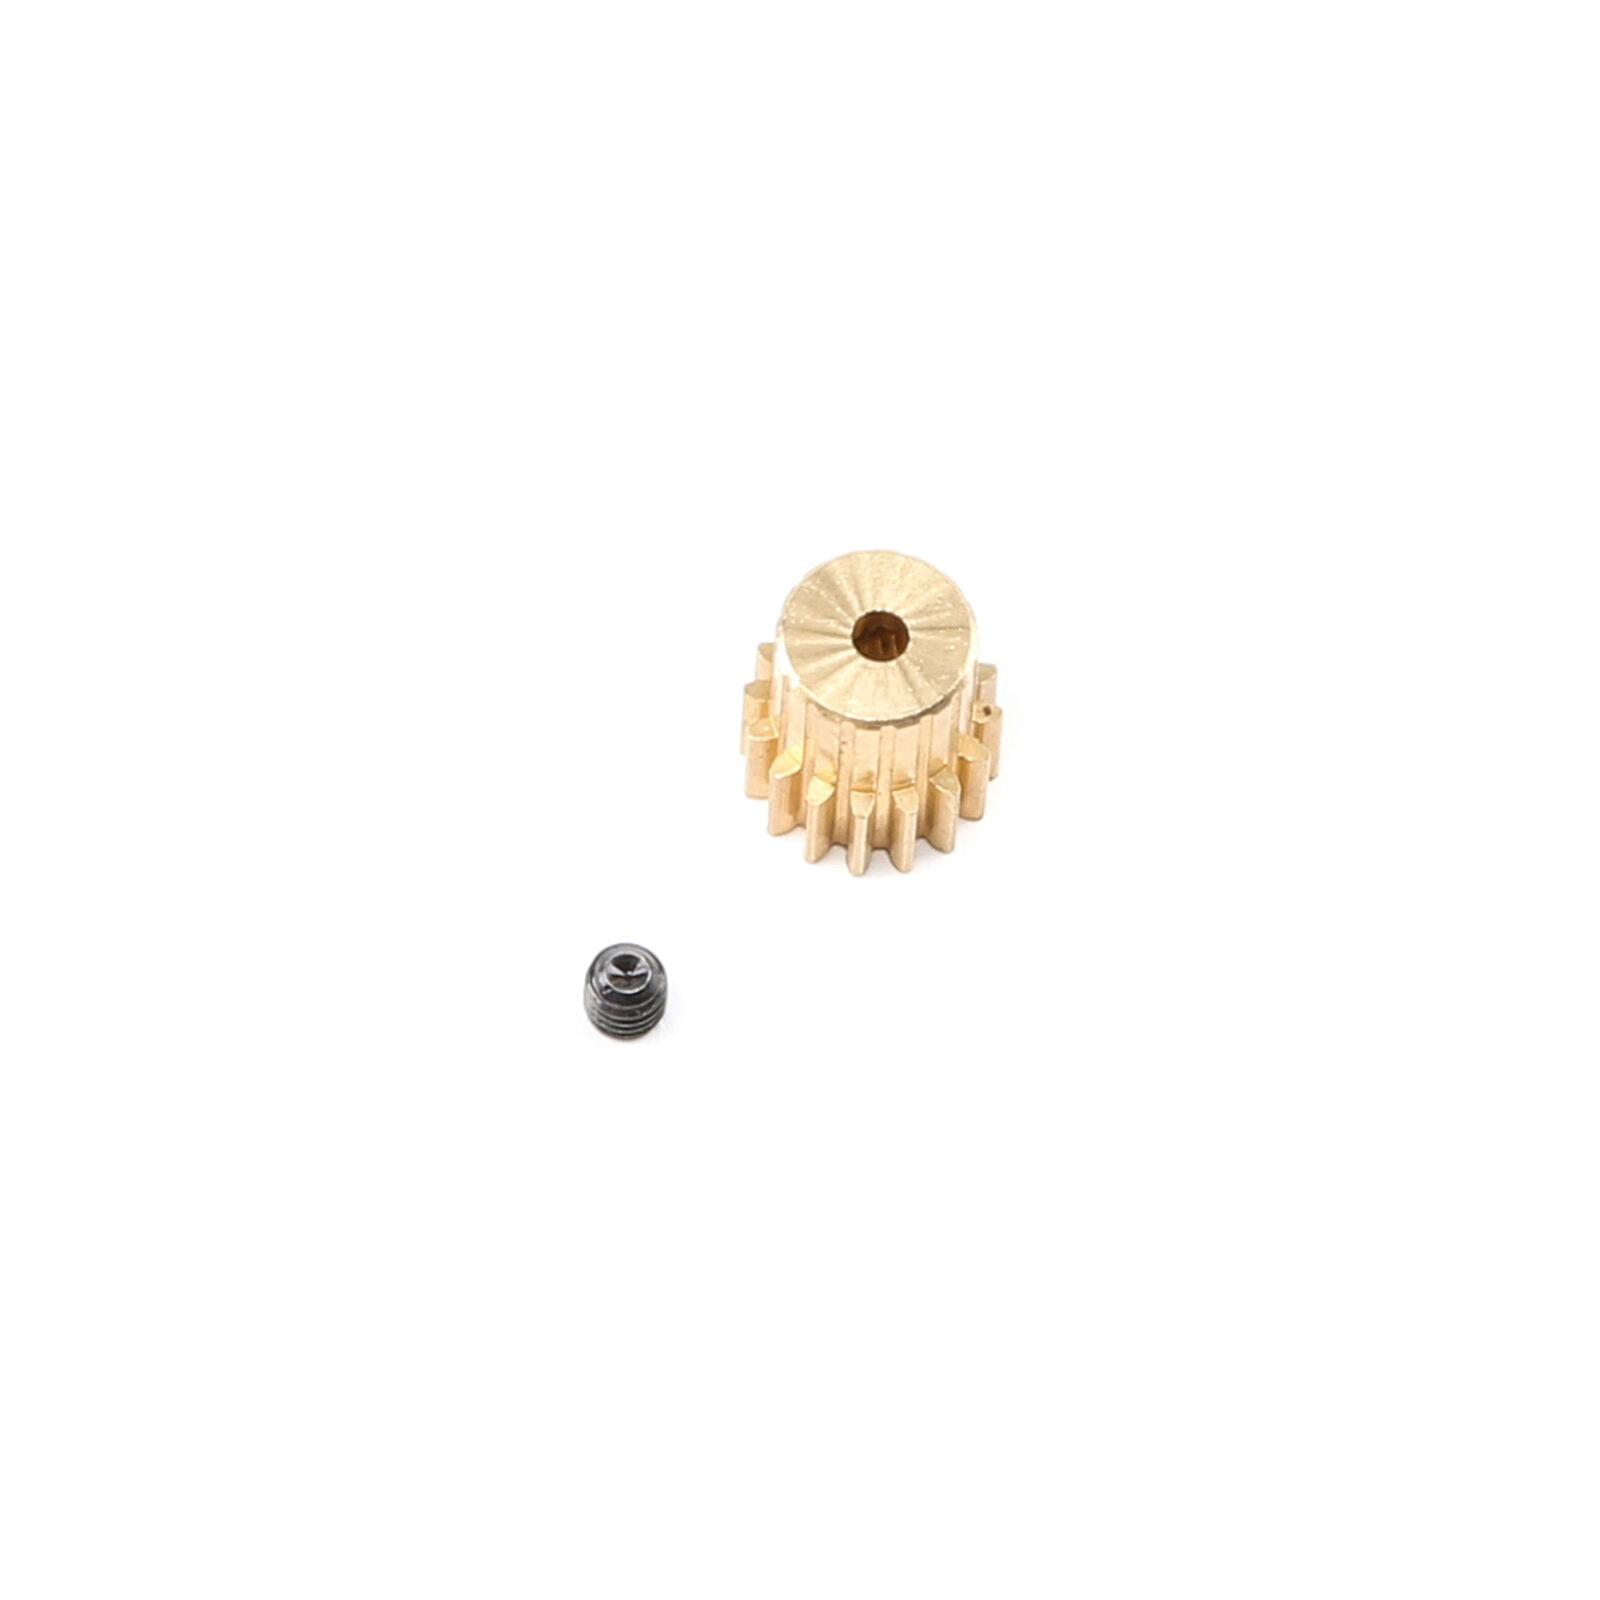 Pinion Gear 48P 16T: 1.9 Barrage